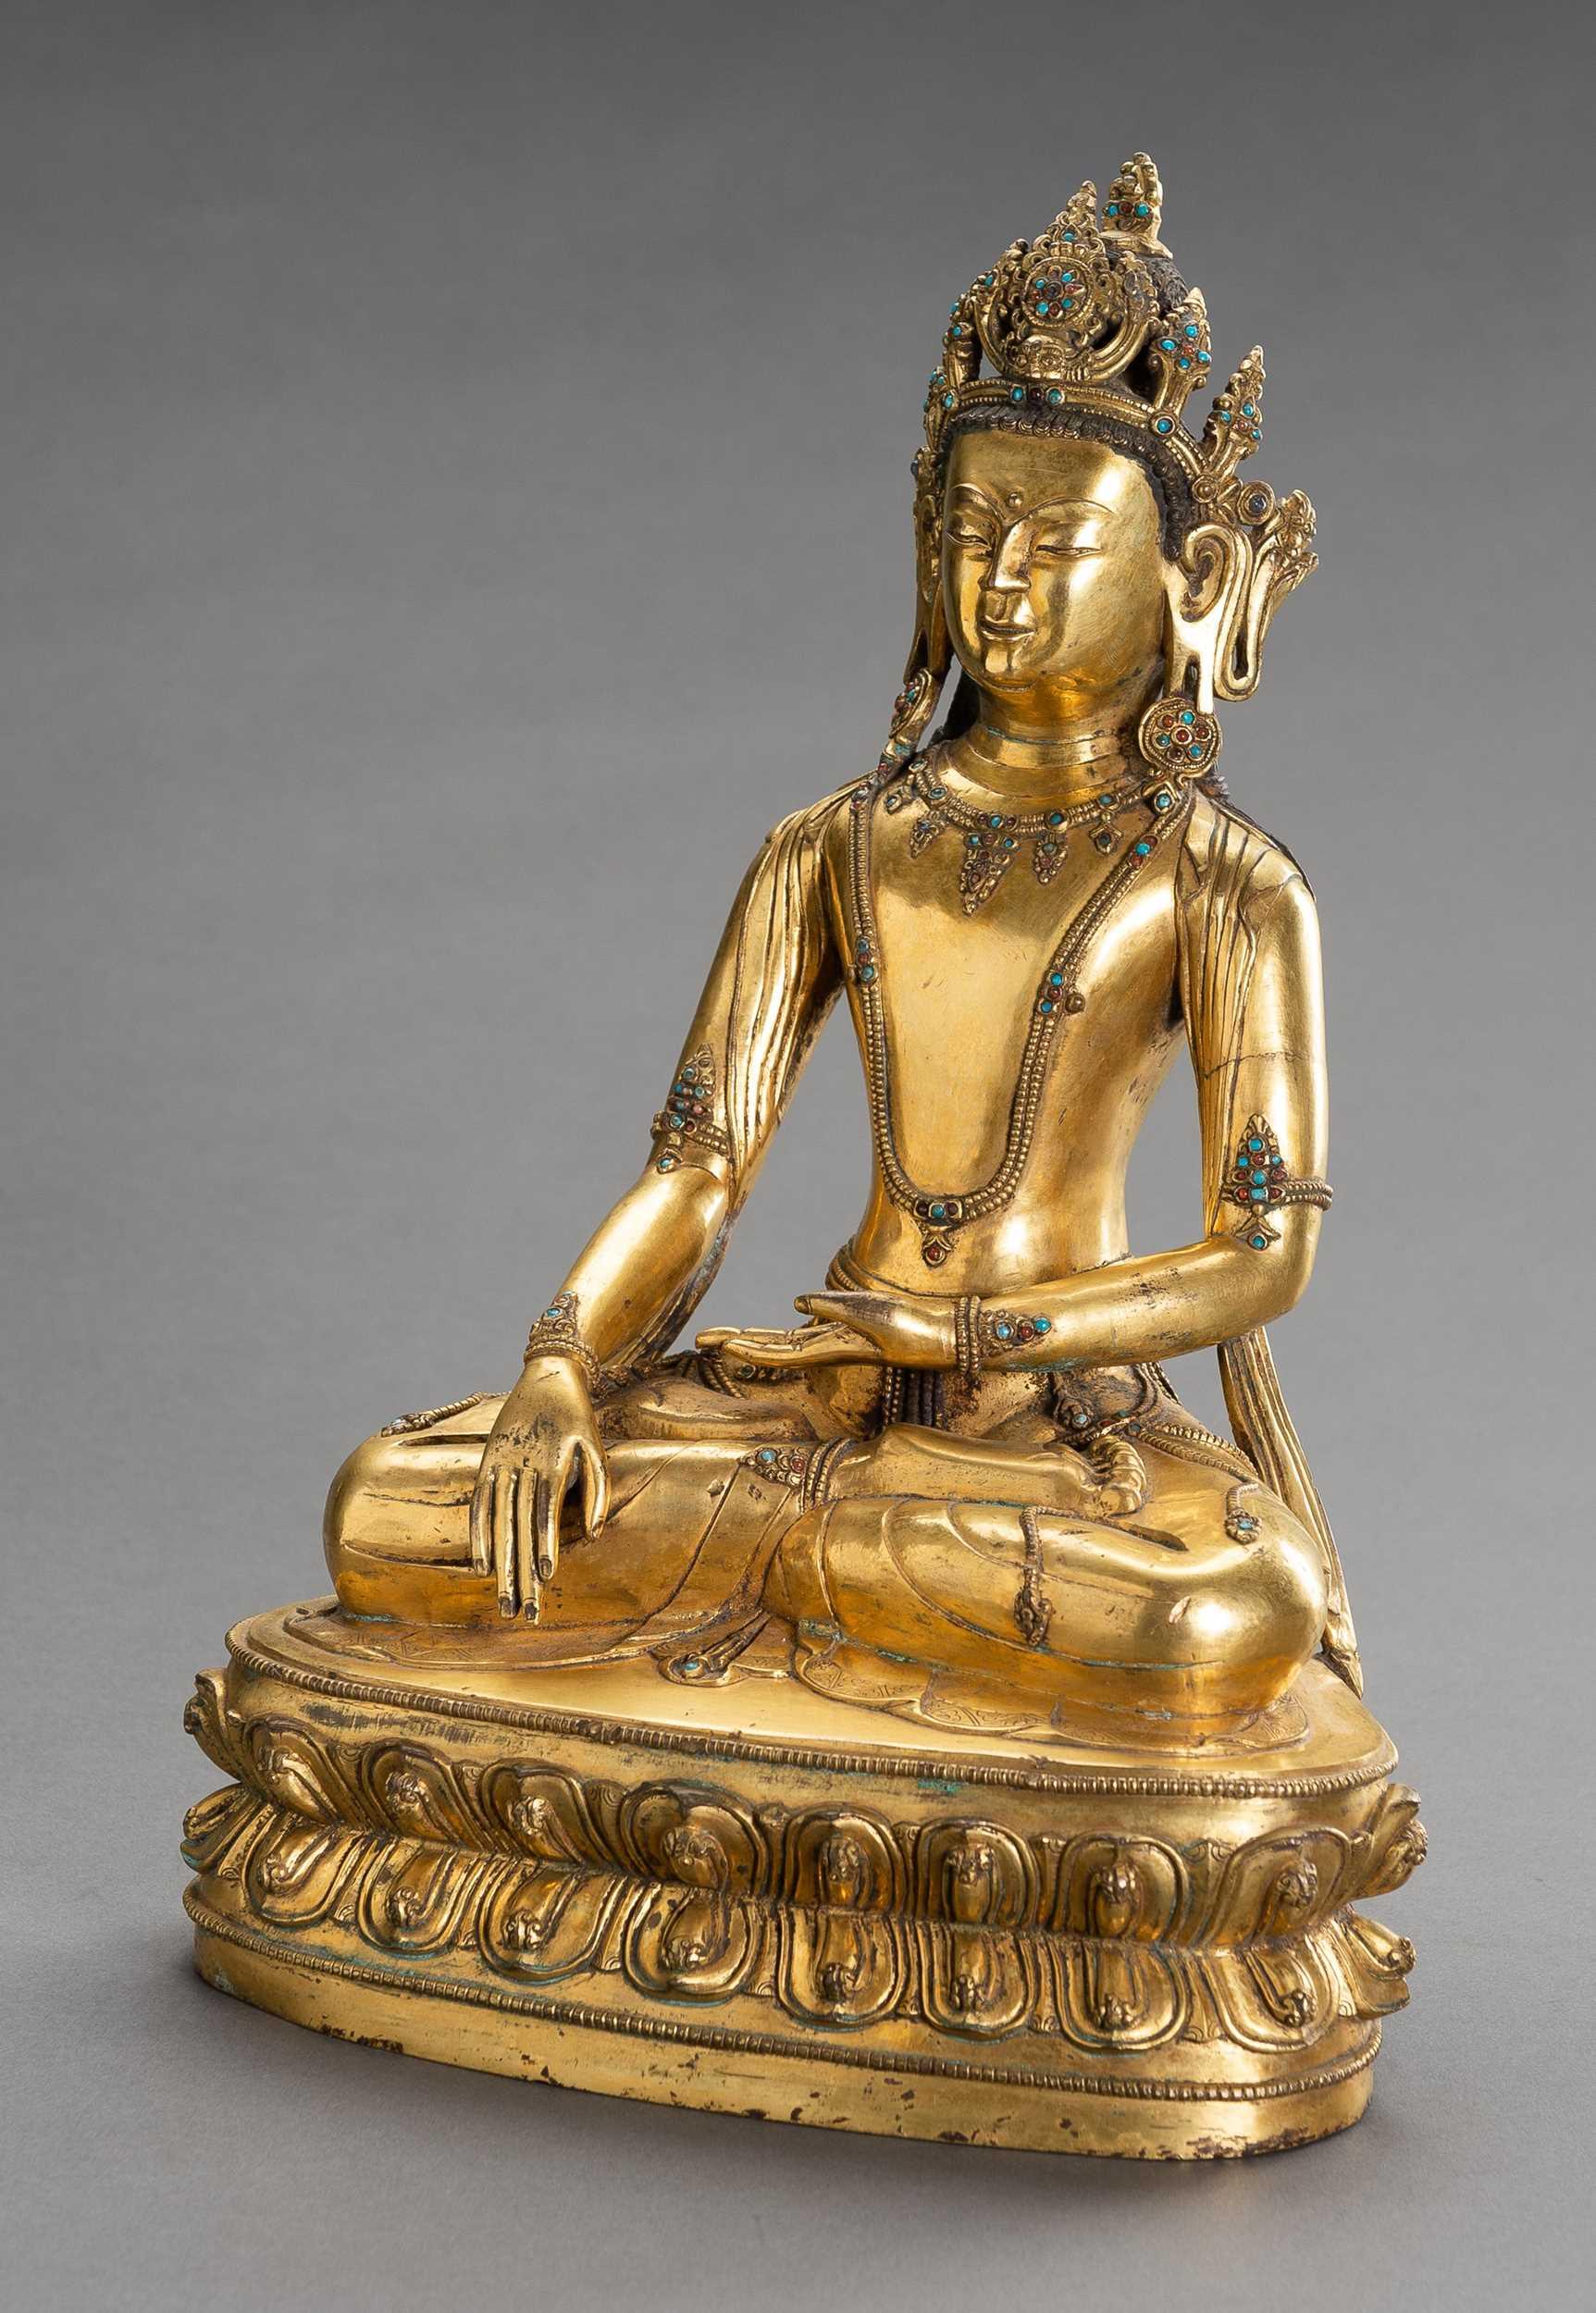 Lot 55 - A LARGE GILT BRONZE FIGURE OF CROWNED BUDDHA SHAKYAMUNI